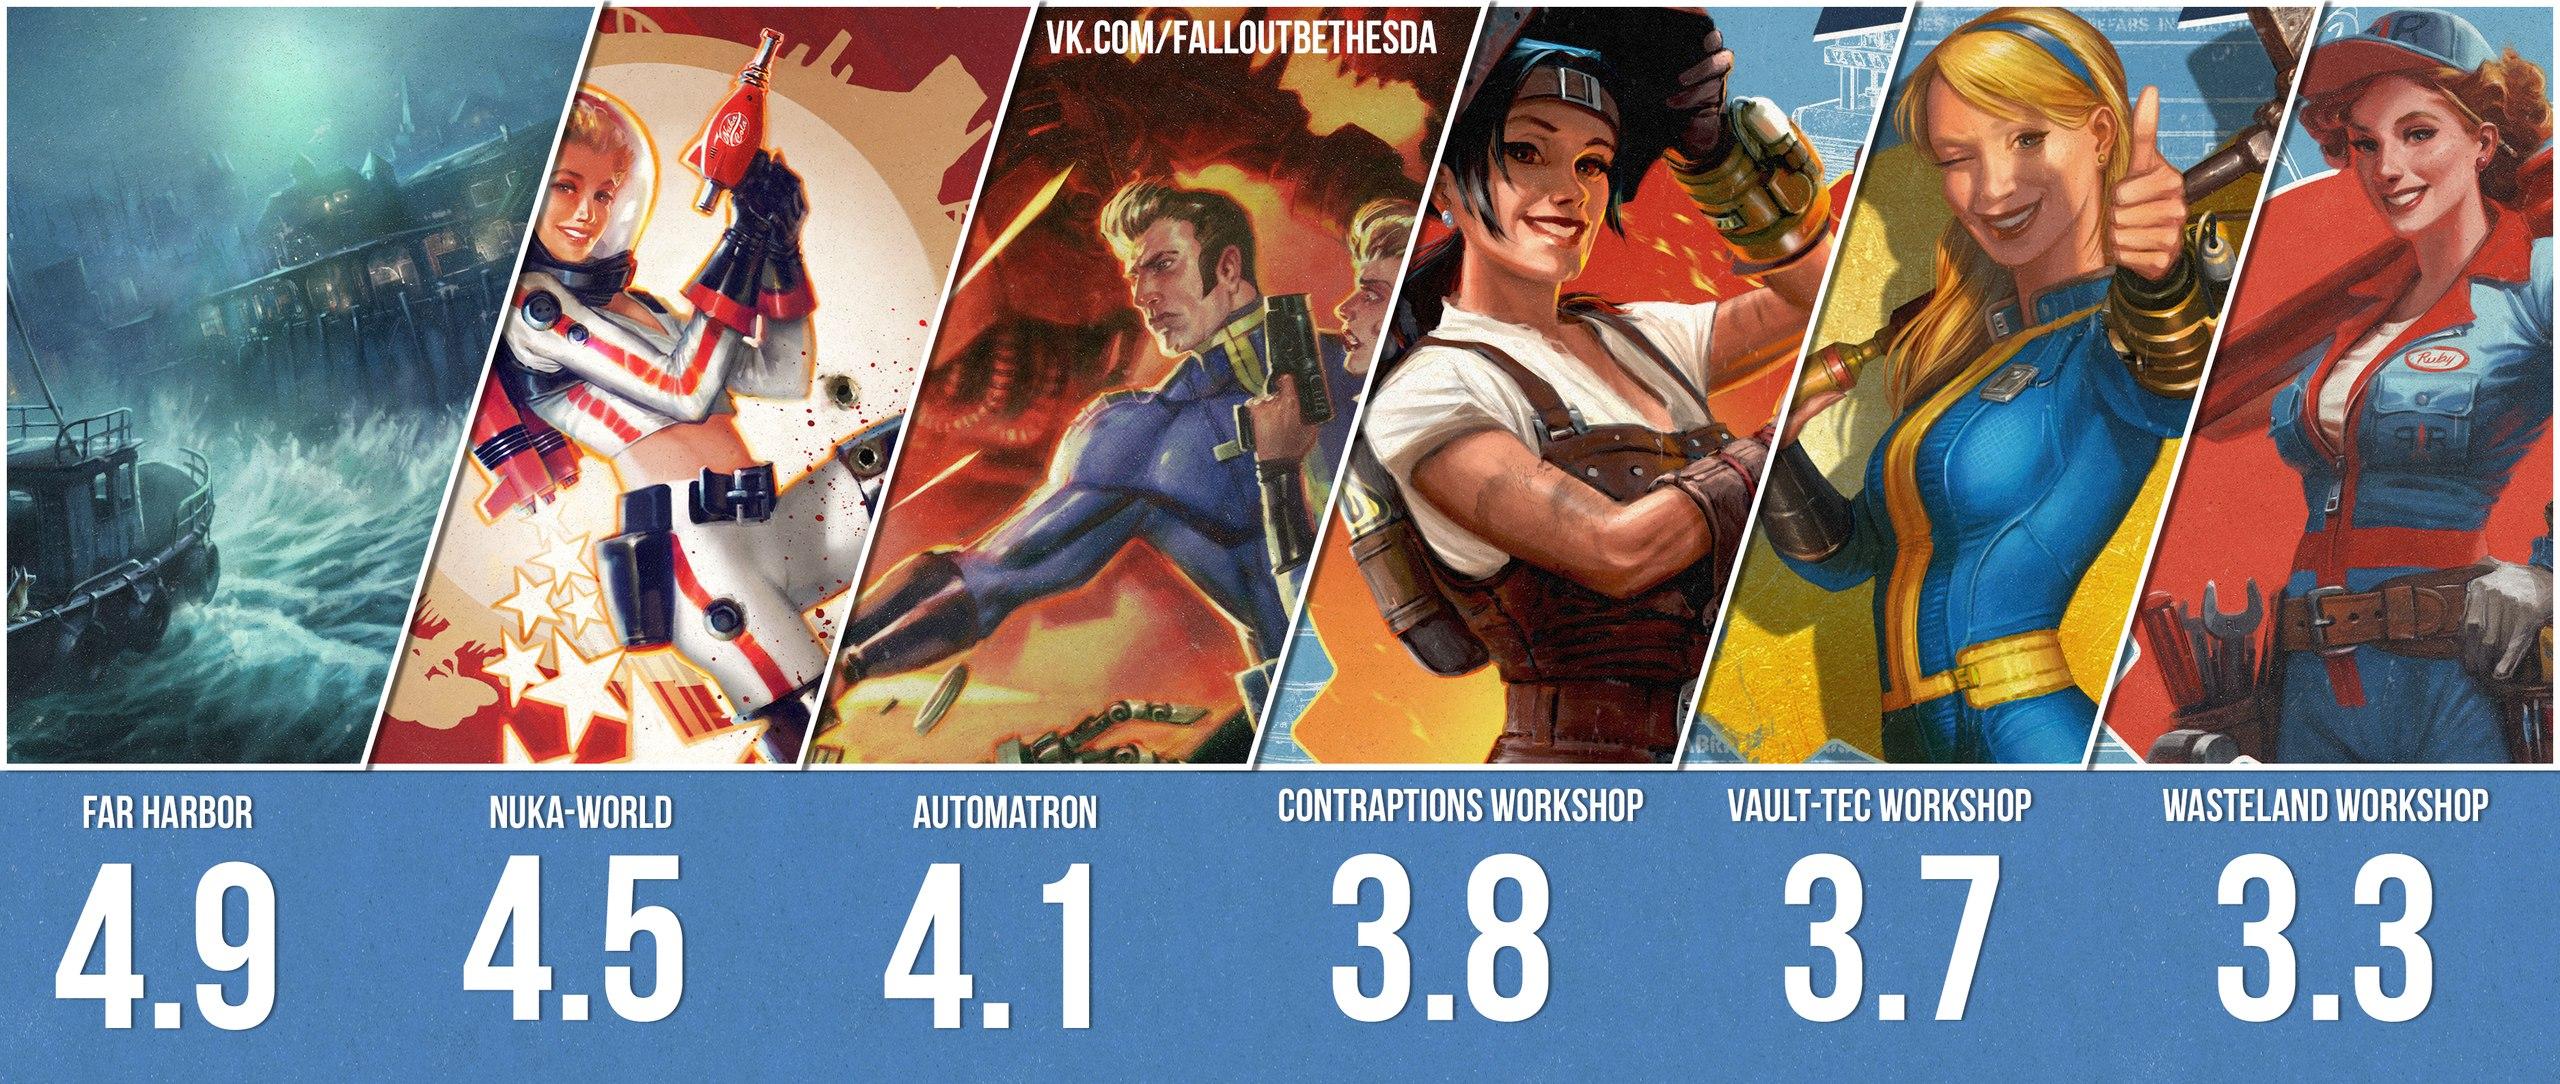 Оценки DLC Fallout4 по результатам опросов в нашем сообществе.